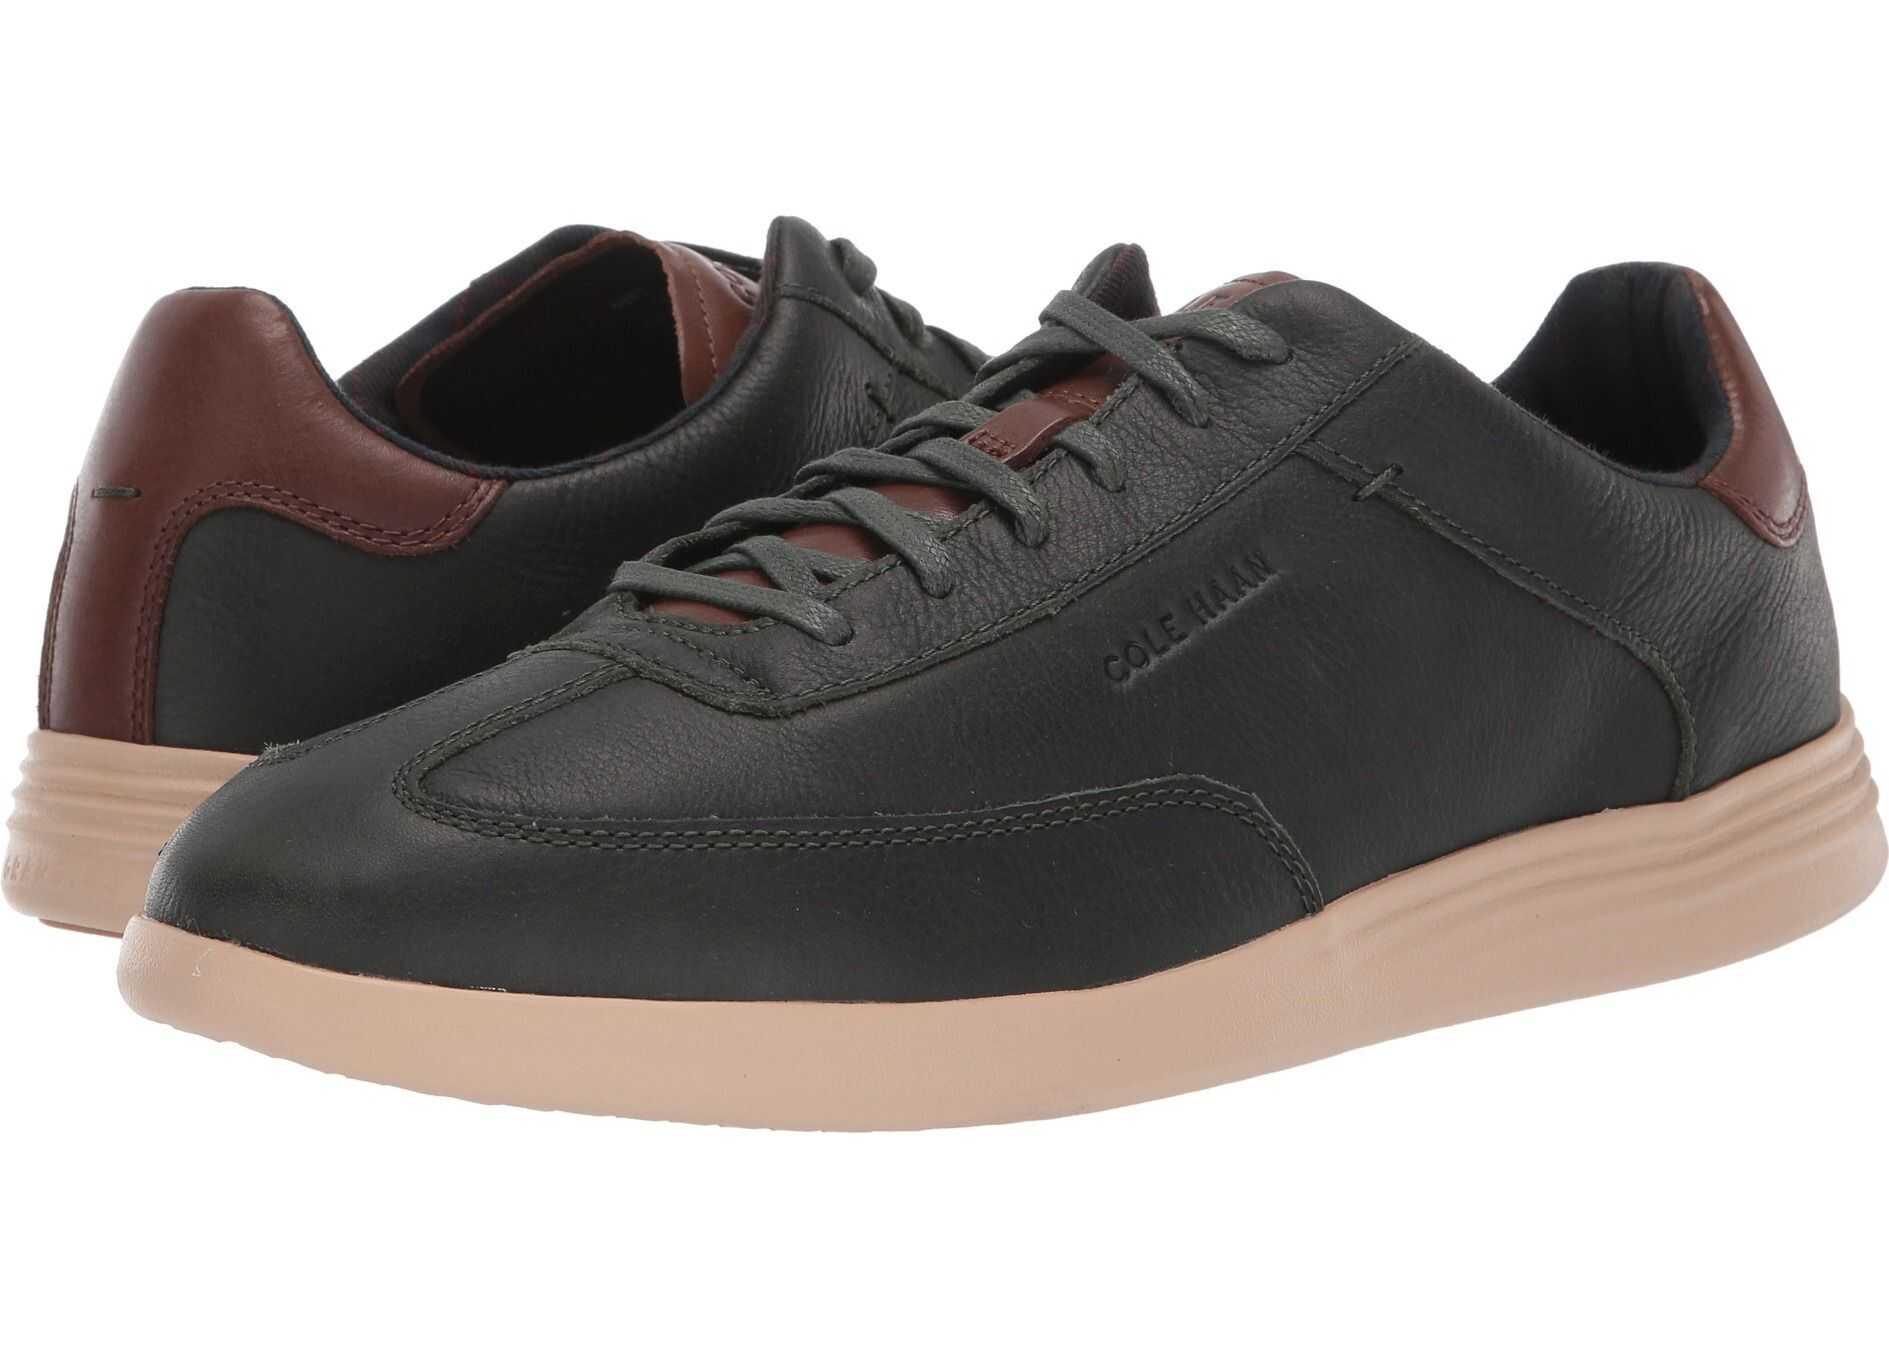 Cole Haan Grand Crosscourt Turf Sneaker Dark Olive Green